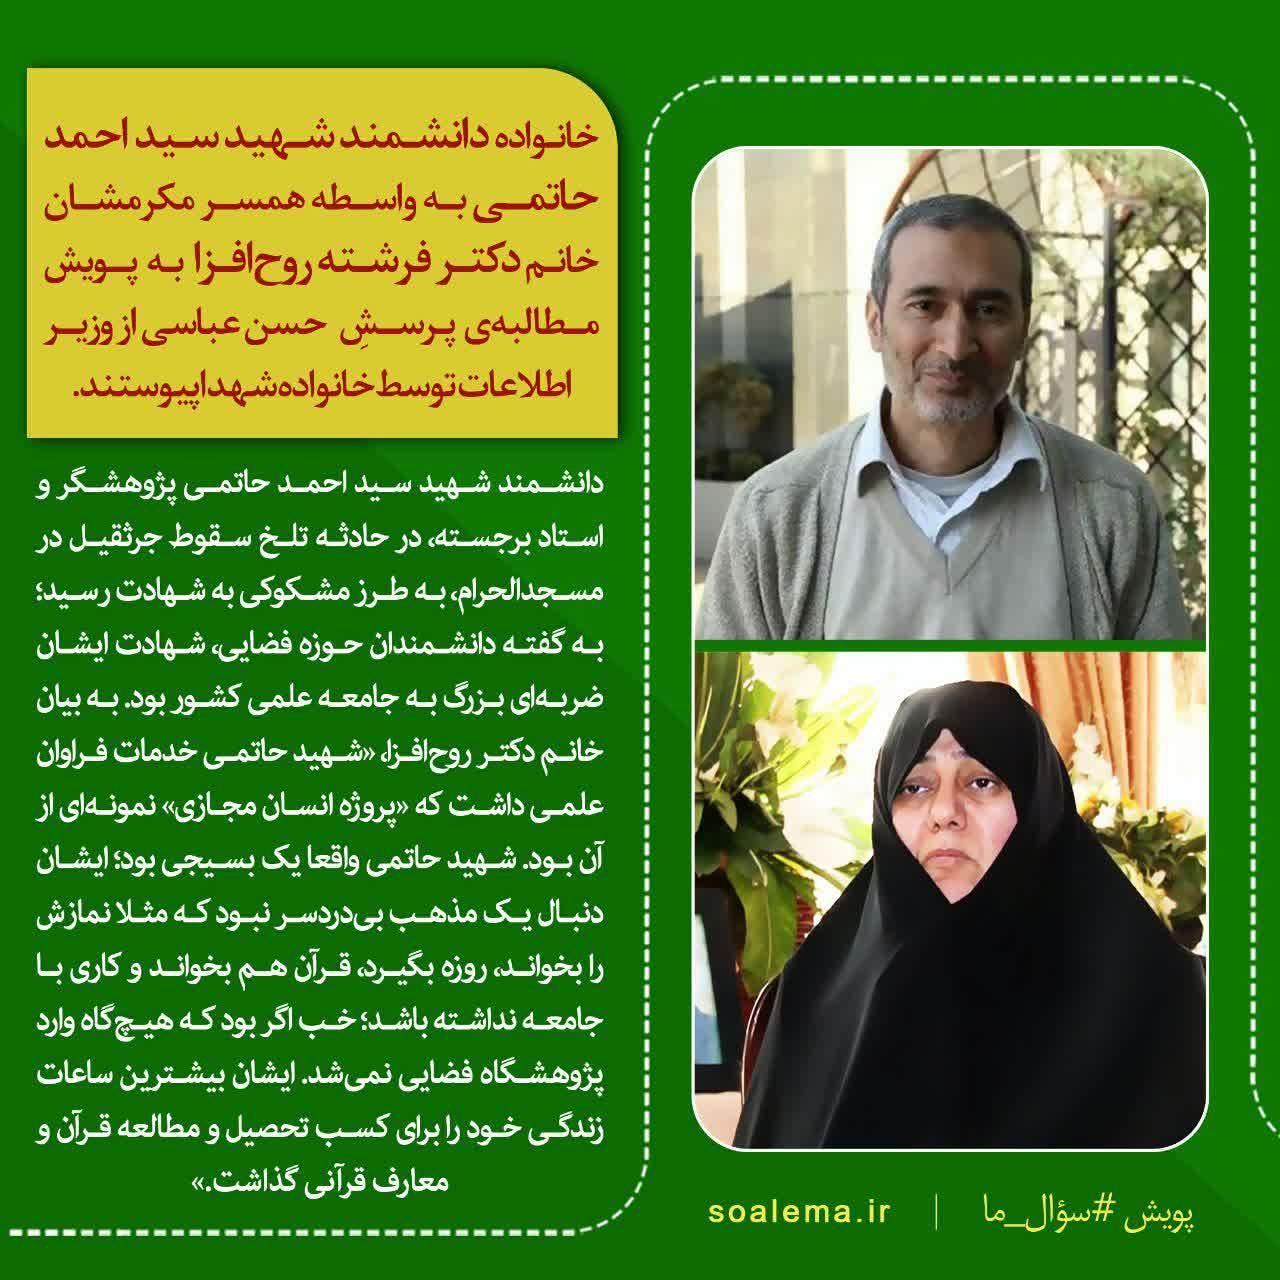 http://dl-abbasi.ir/yekta/1398/Graphic/Shohada/Shakhes17.jpg